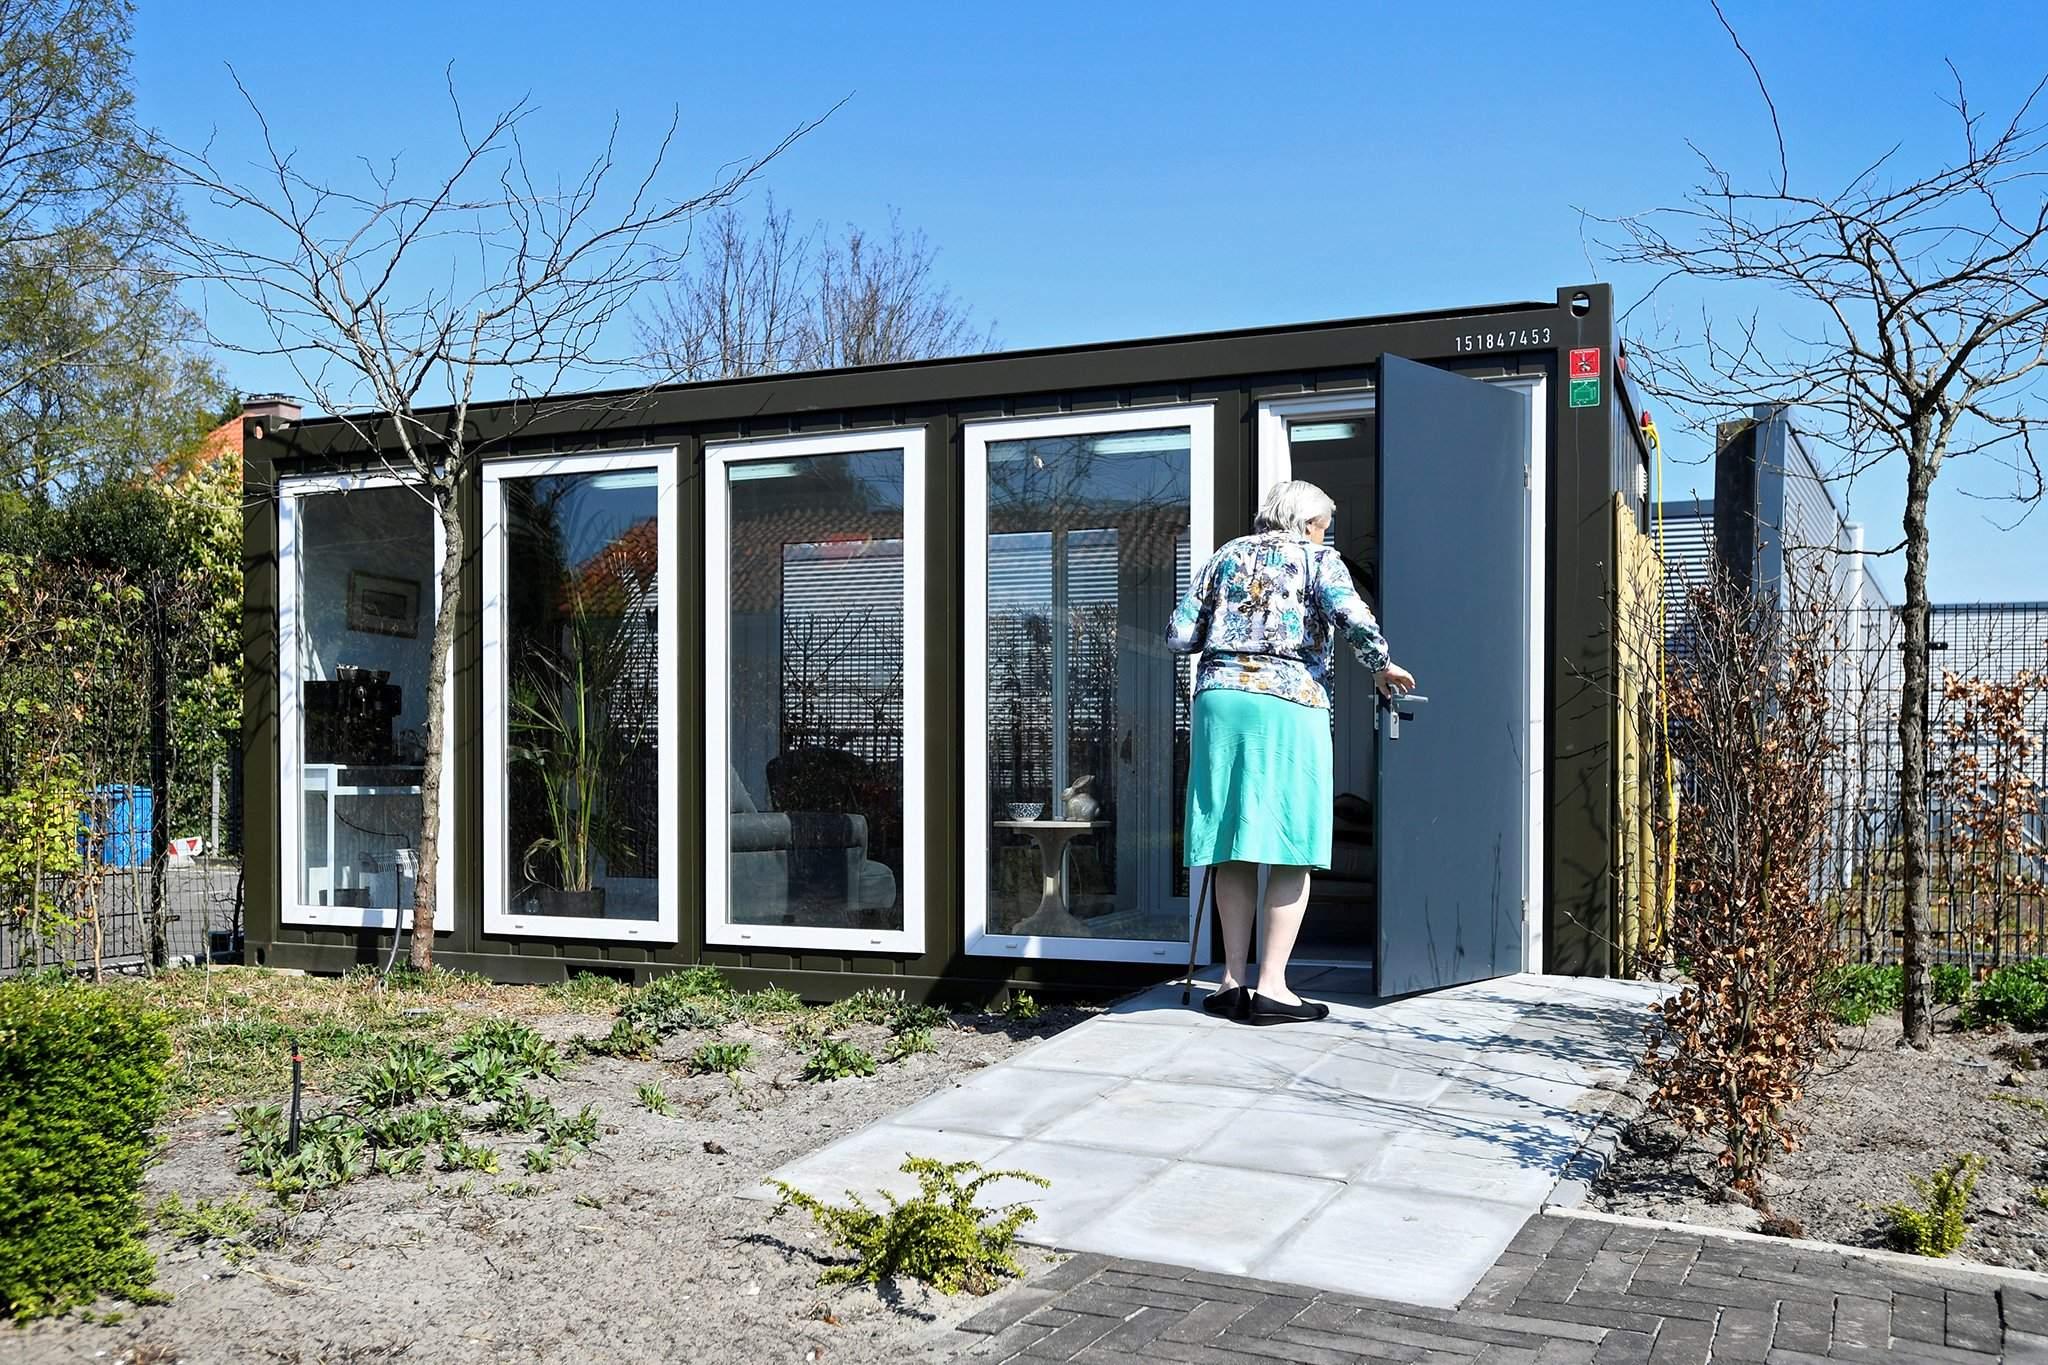 Голландын Ахмадын асрах газар эргэлт оруулахаа больсон. Ахмадуудыг ганцаардлаас хамгаалахын тулд ийм сайхан байр тохижуулжээ.